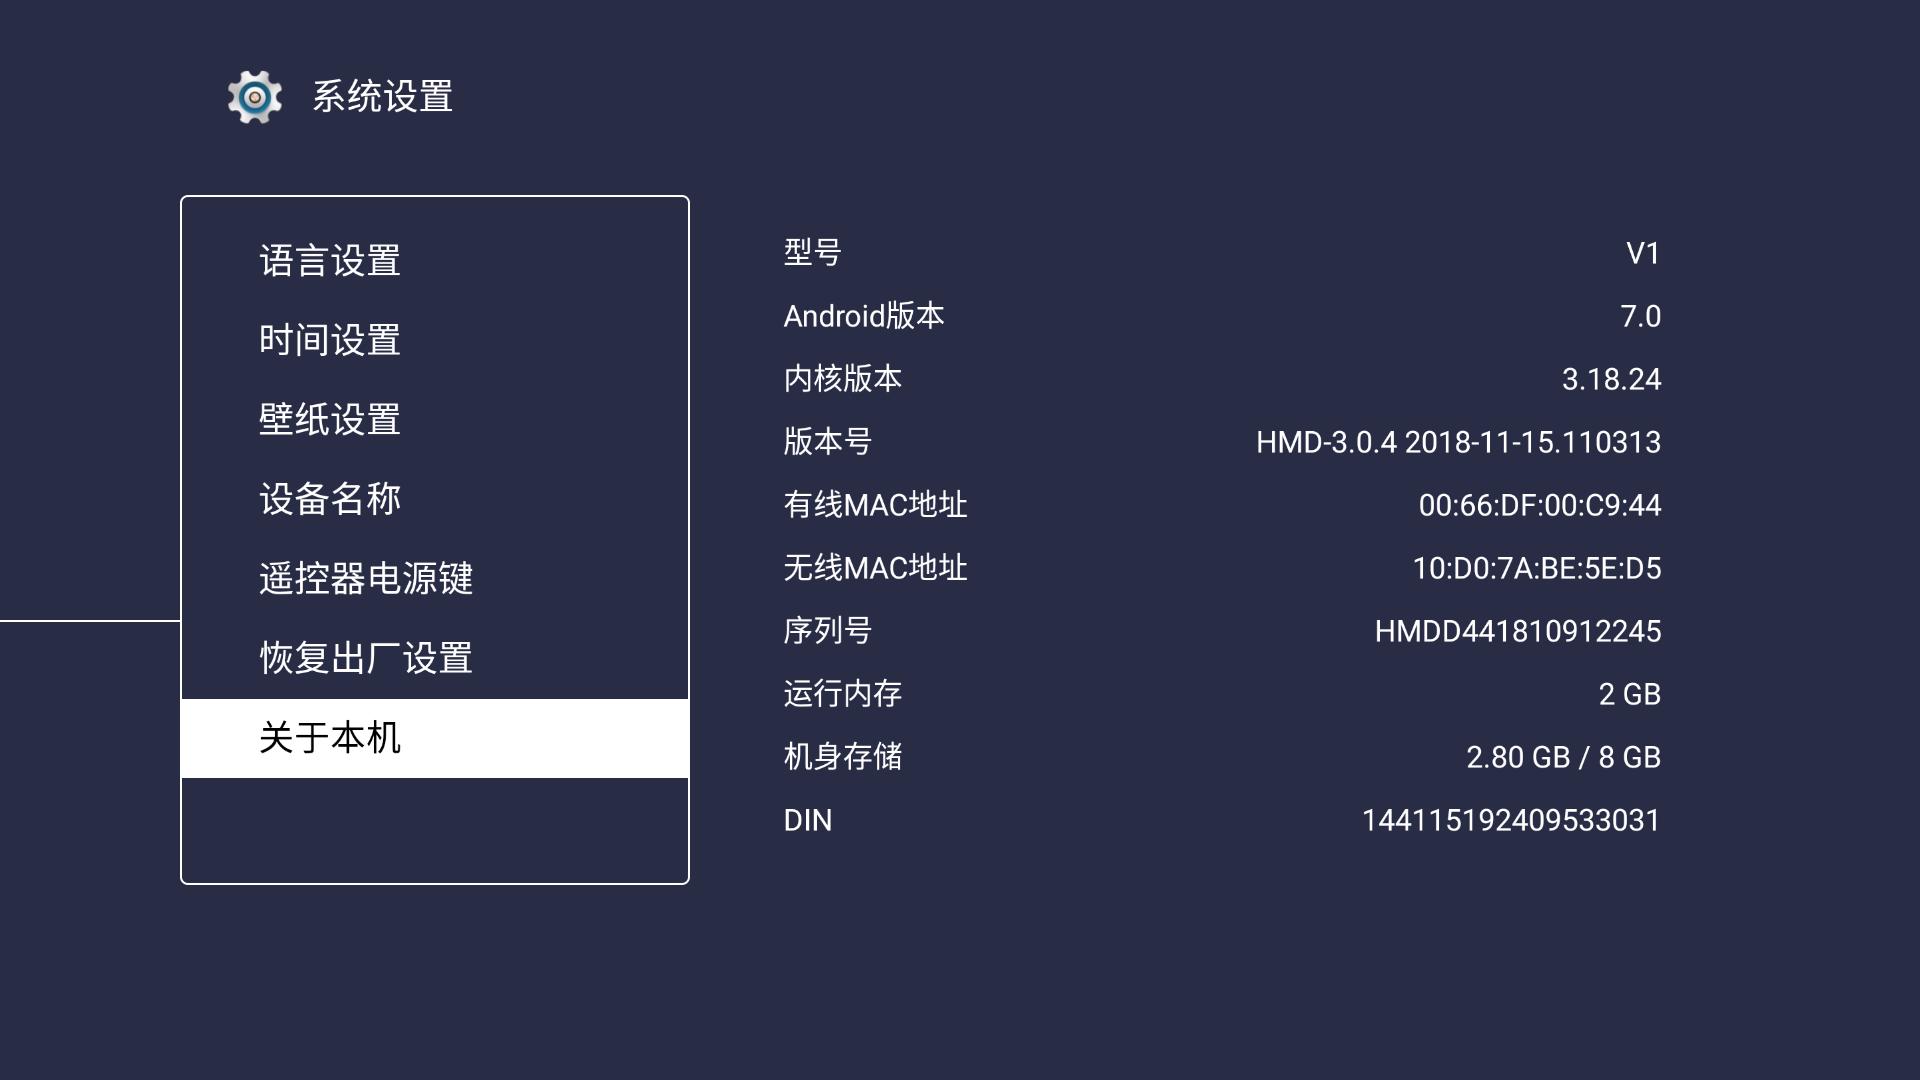 05界面13-系统设置菜单 (3).png